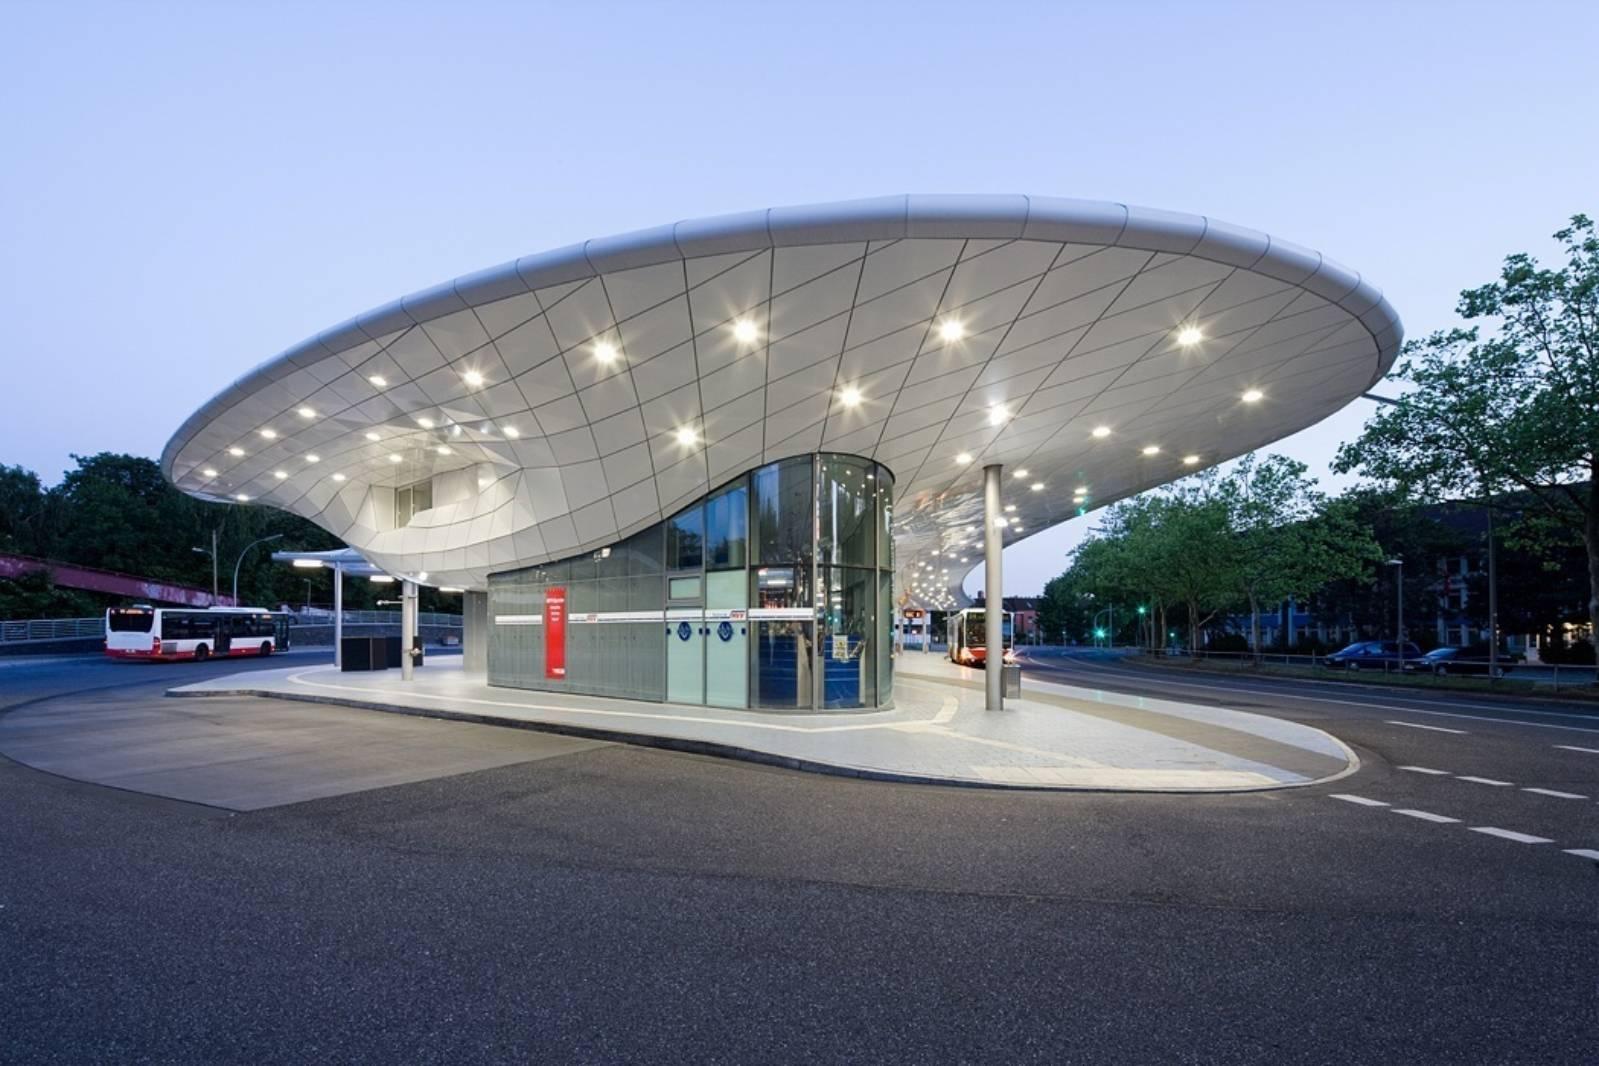 Modern Interior Home Design Bus Station By Blunck Morgen Architekten A As Architecture